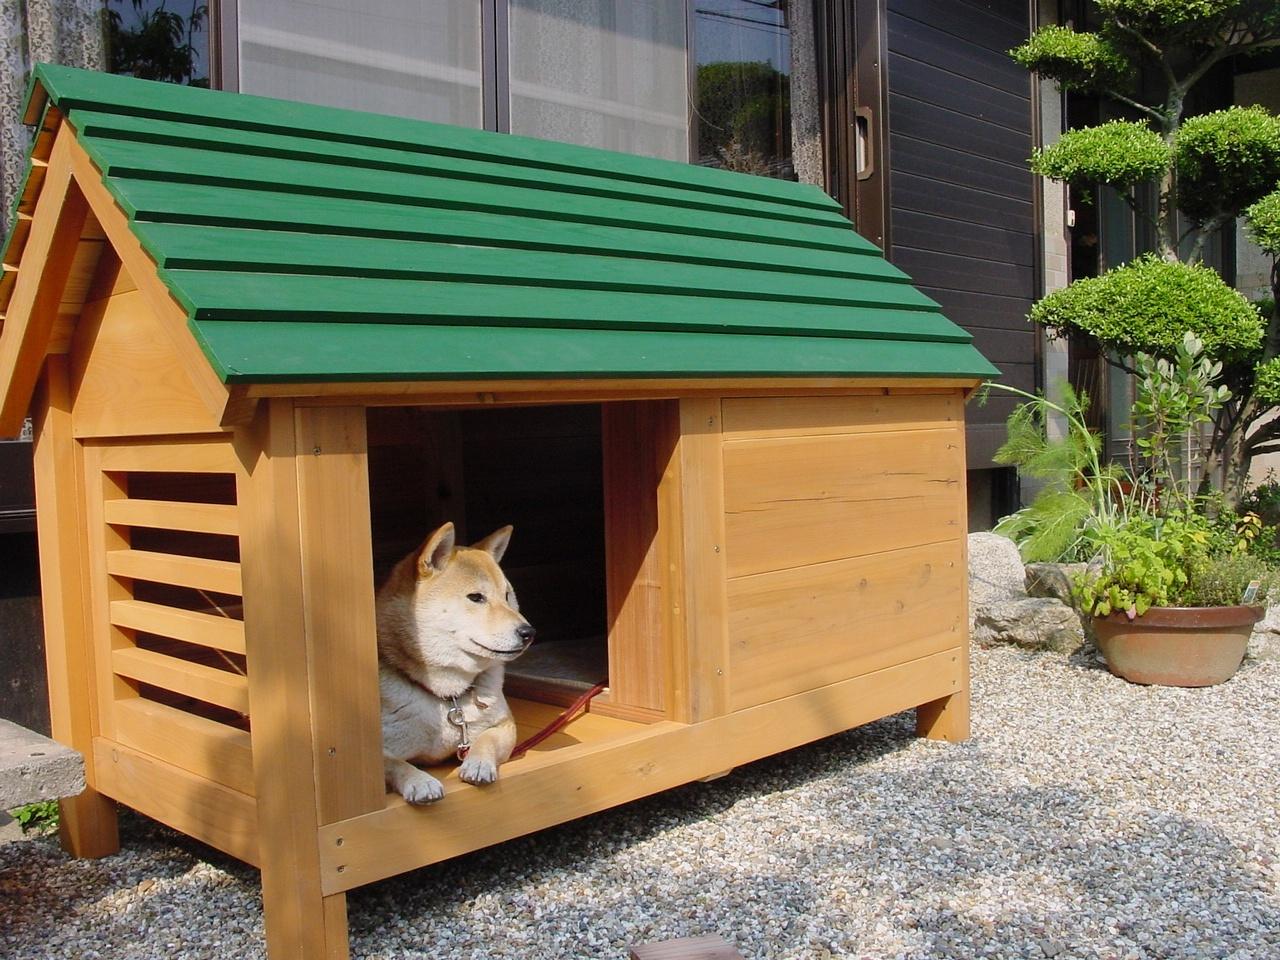 犬小屋・猫小屋・鶏小屋・ウサギ小屋・ブタ小屋などいろいろのハウスを製作しています。 関連記事 h